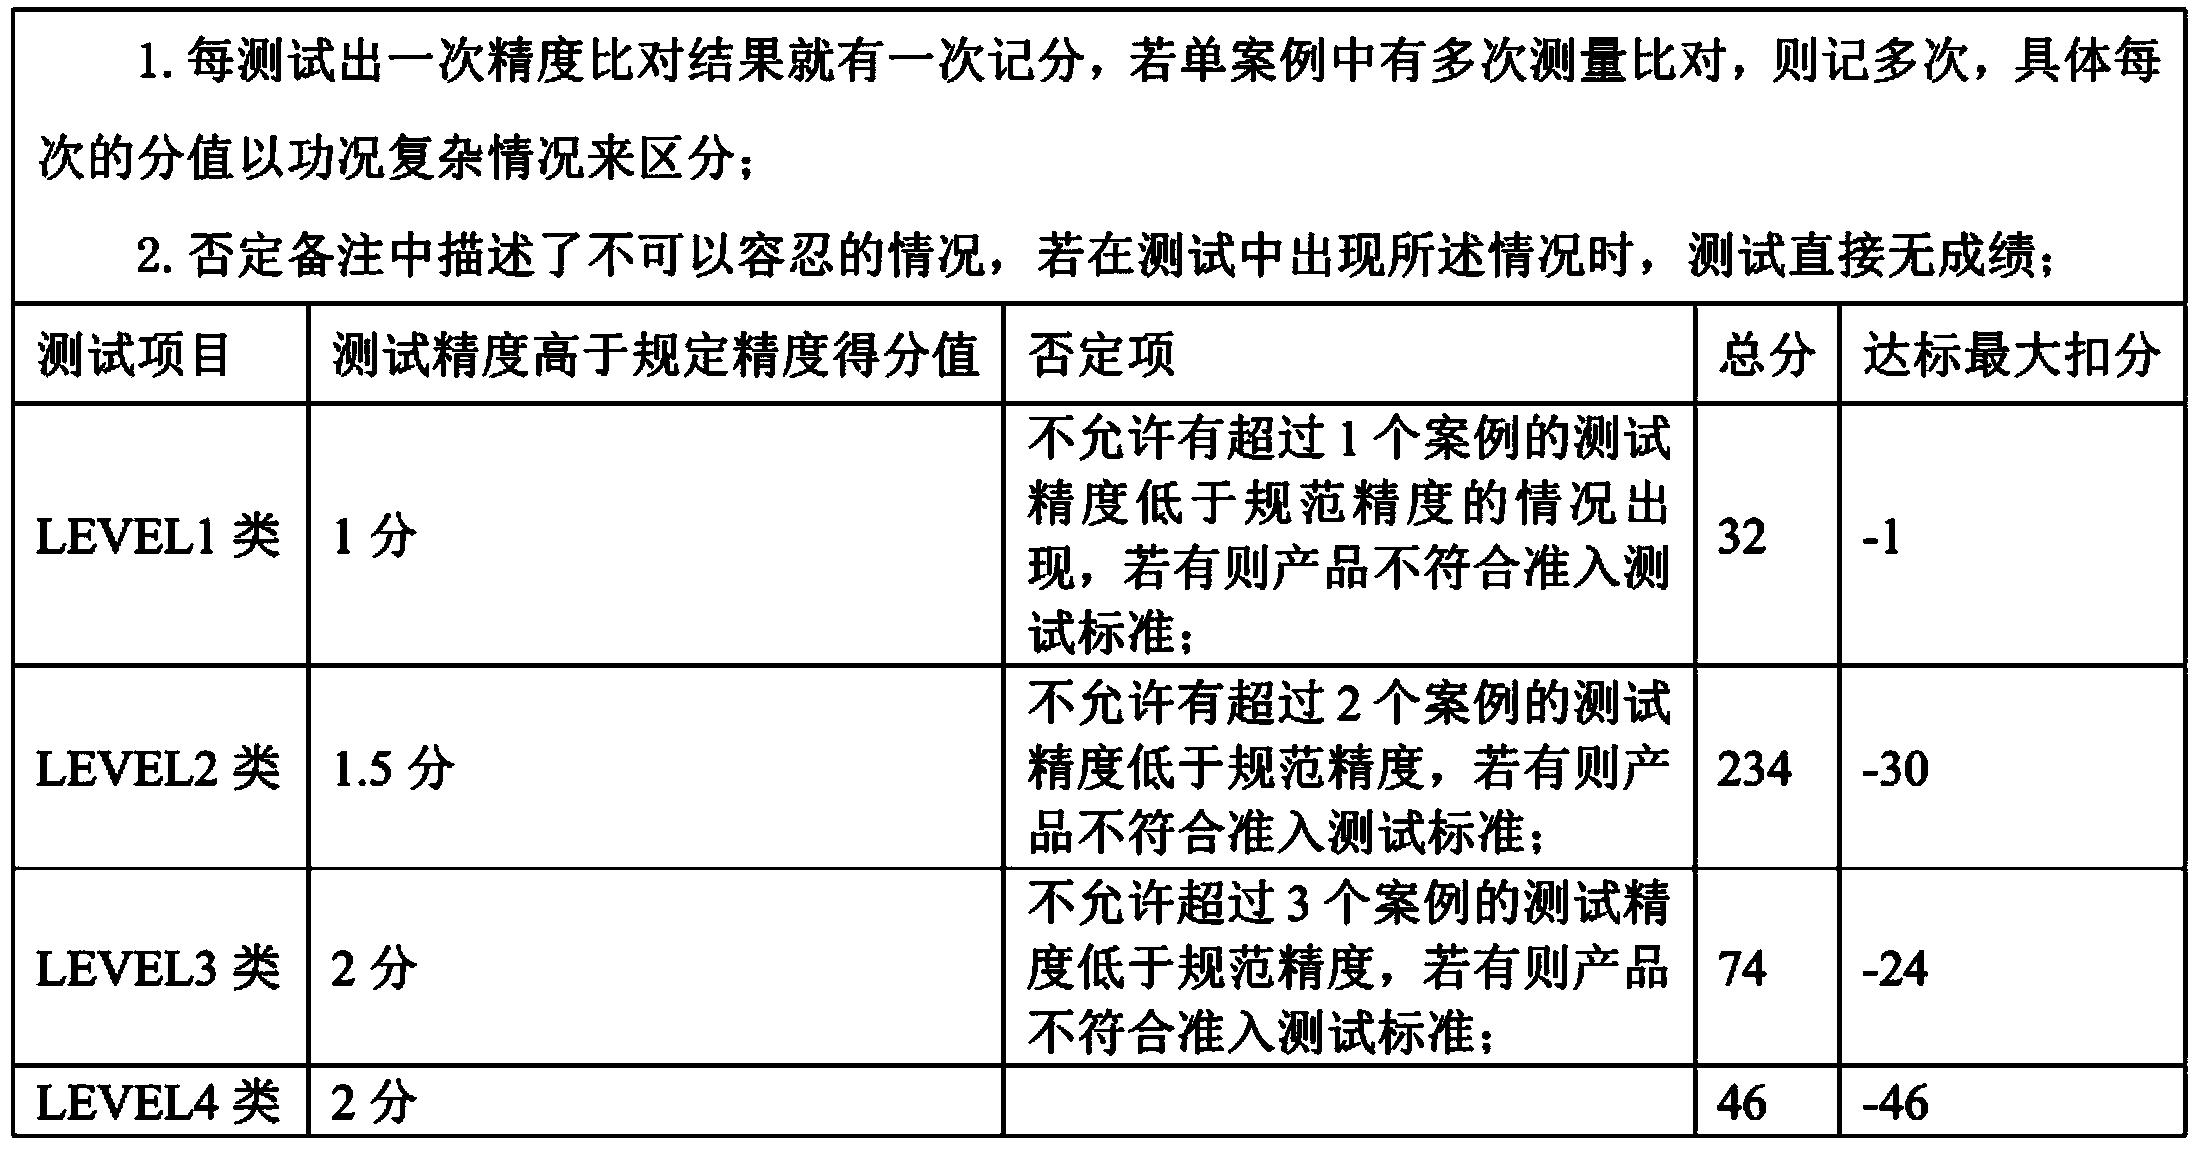 Figure PCTCN2020094988-appb-000013